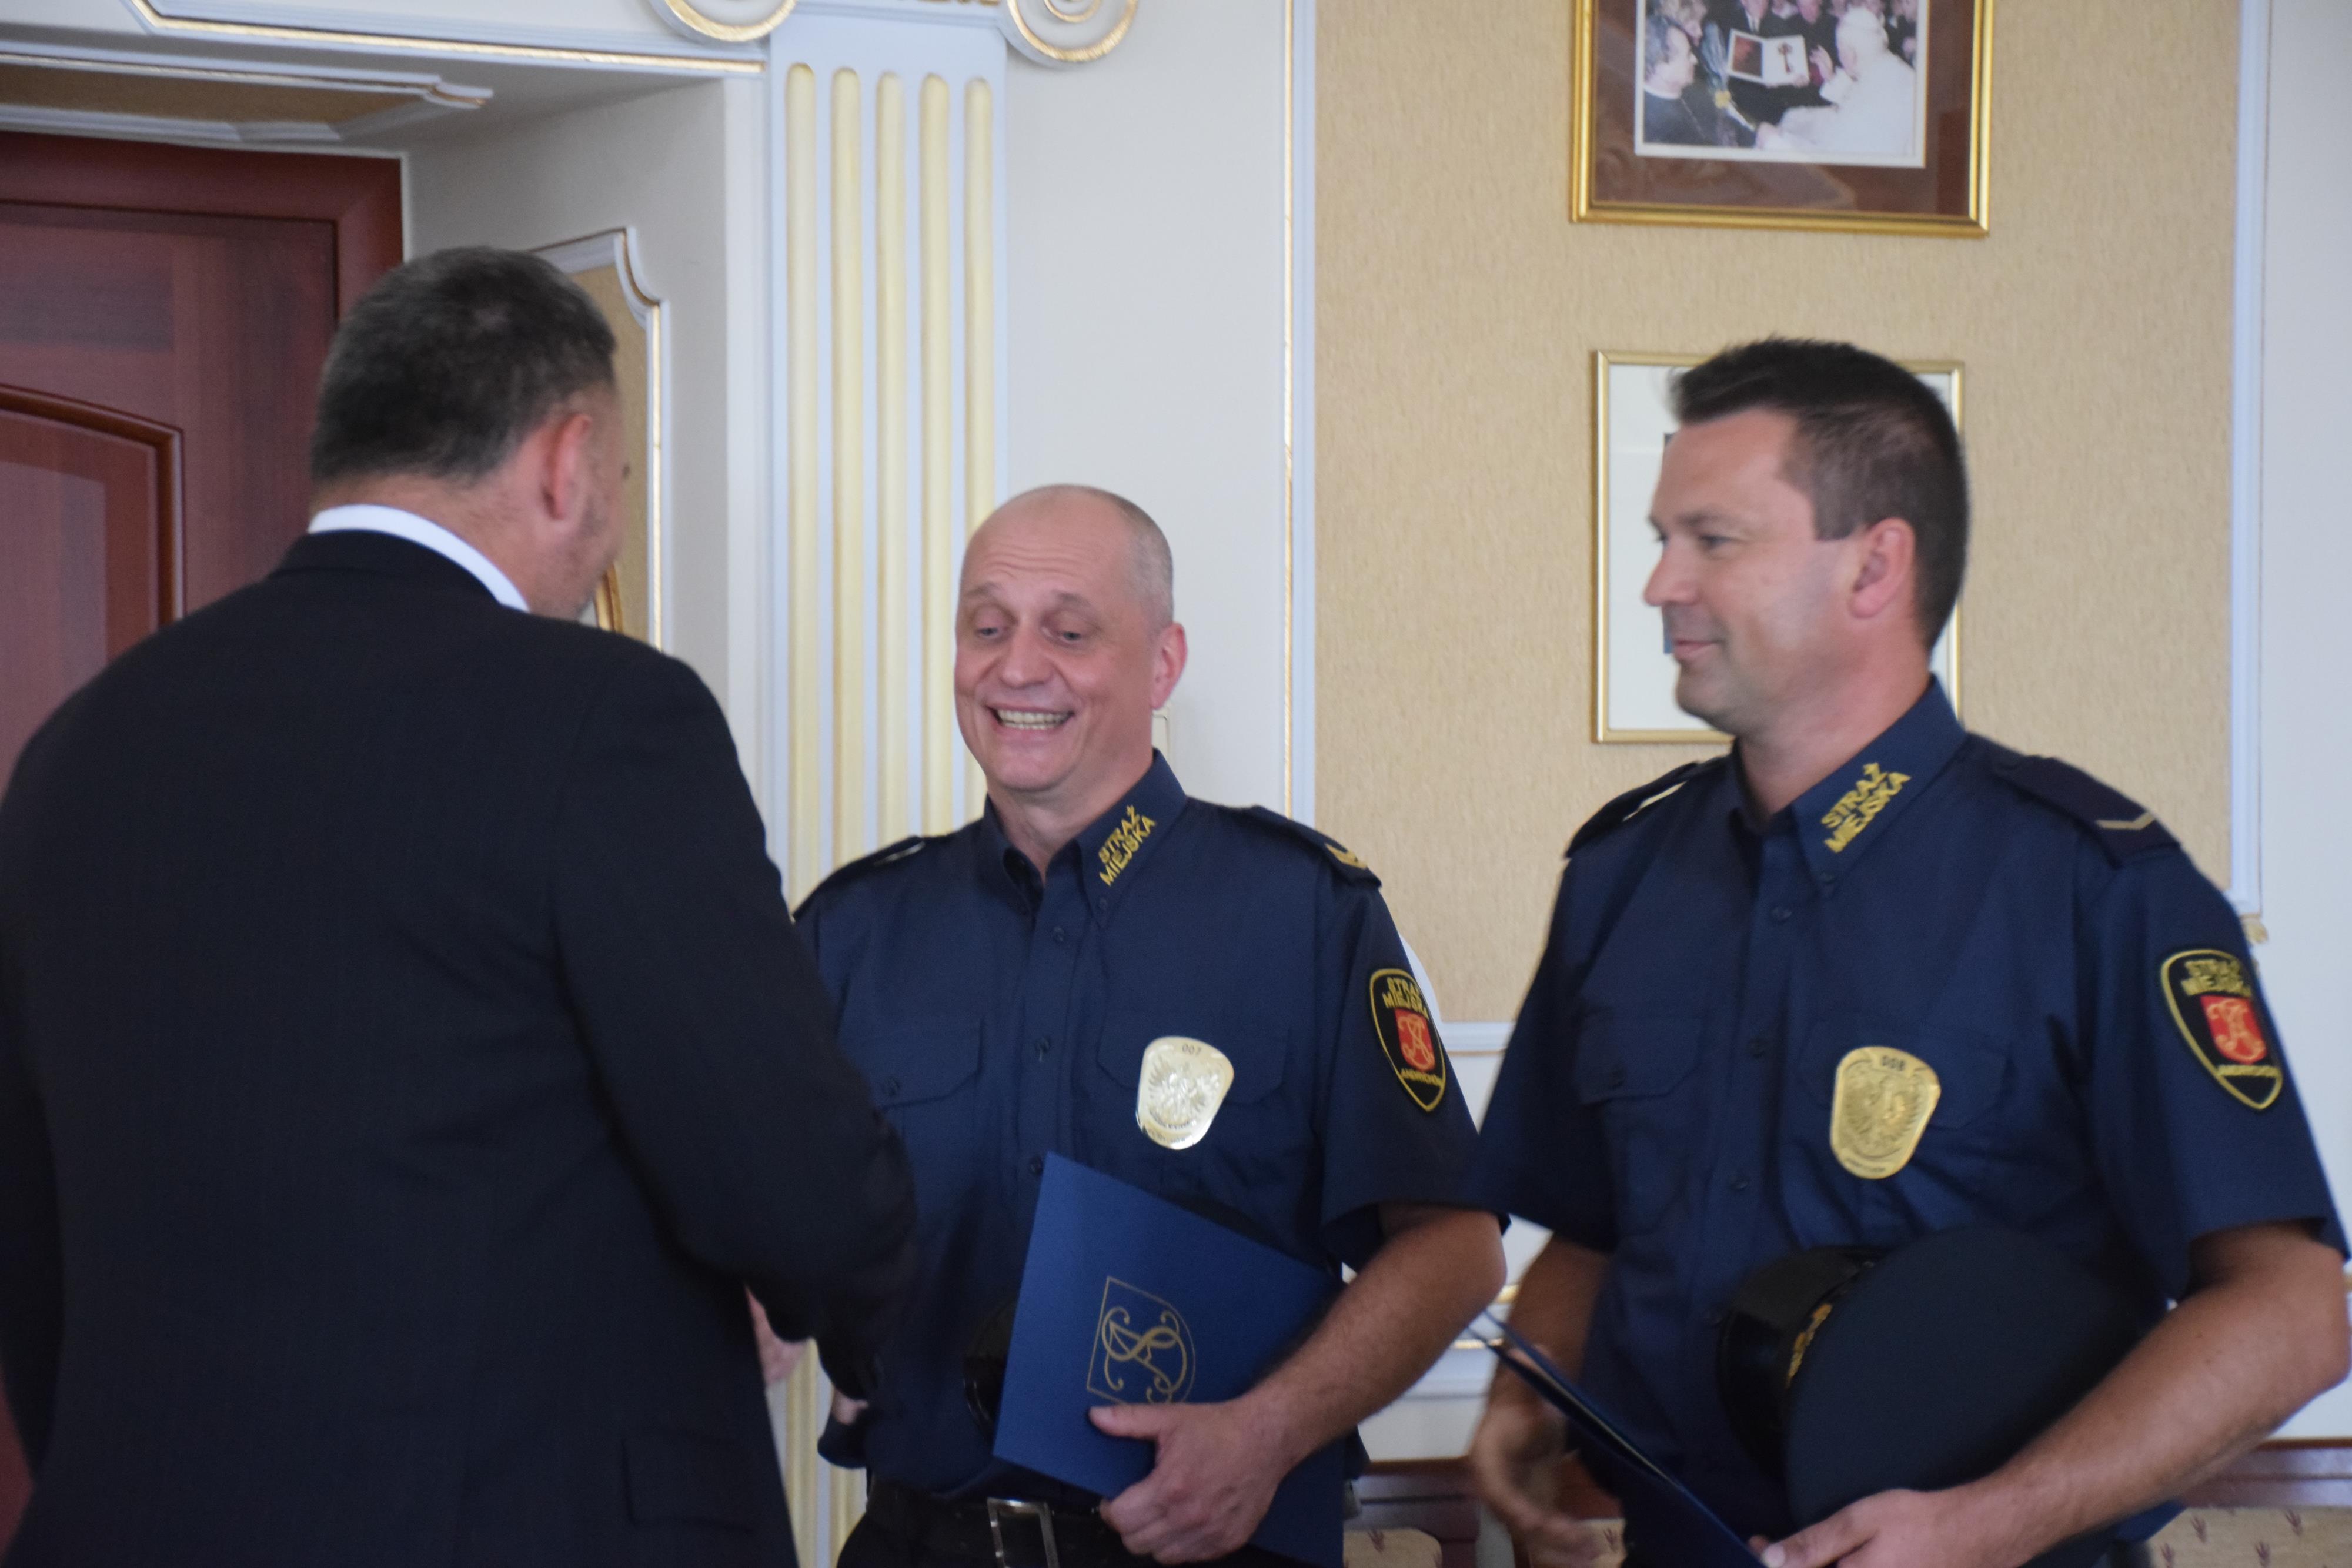 Strażnicy miejscy i komendant nagrodzeni za złapanie nożownika